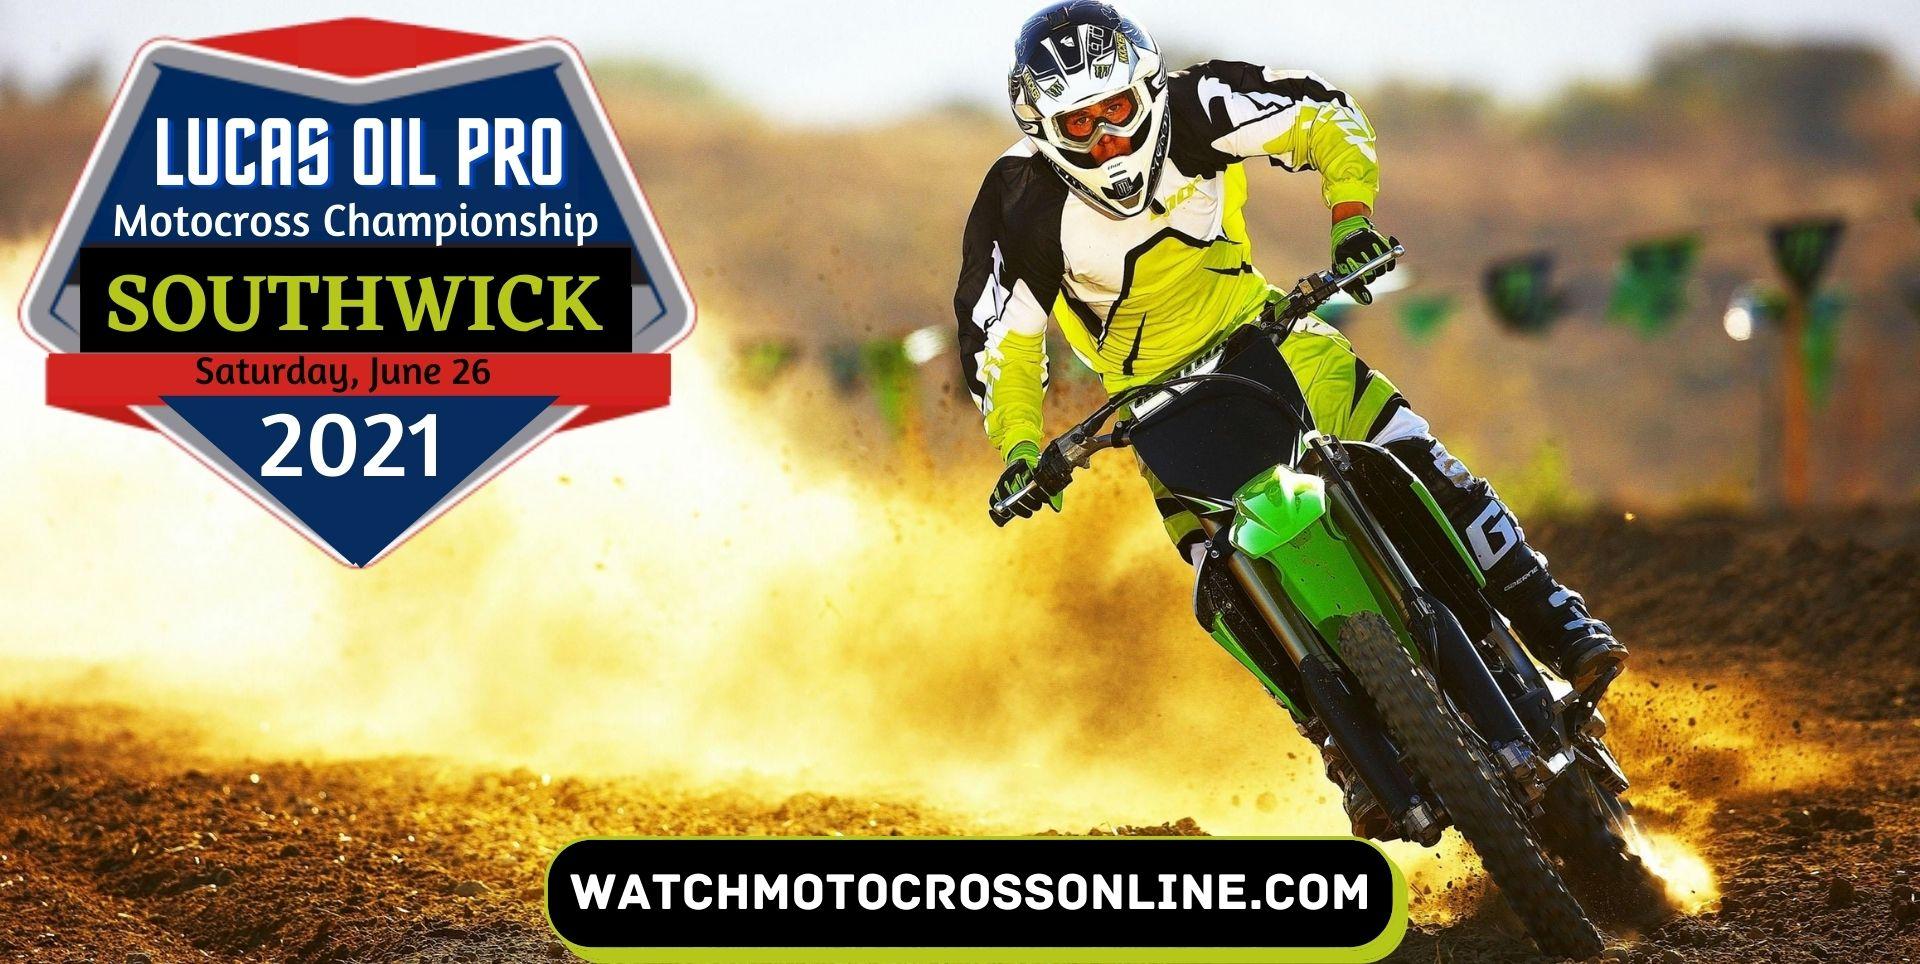 Southwick Motocross Live Stream 2021